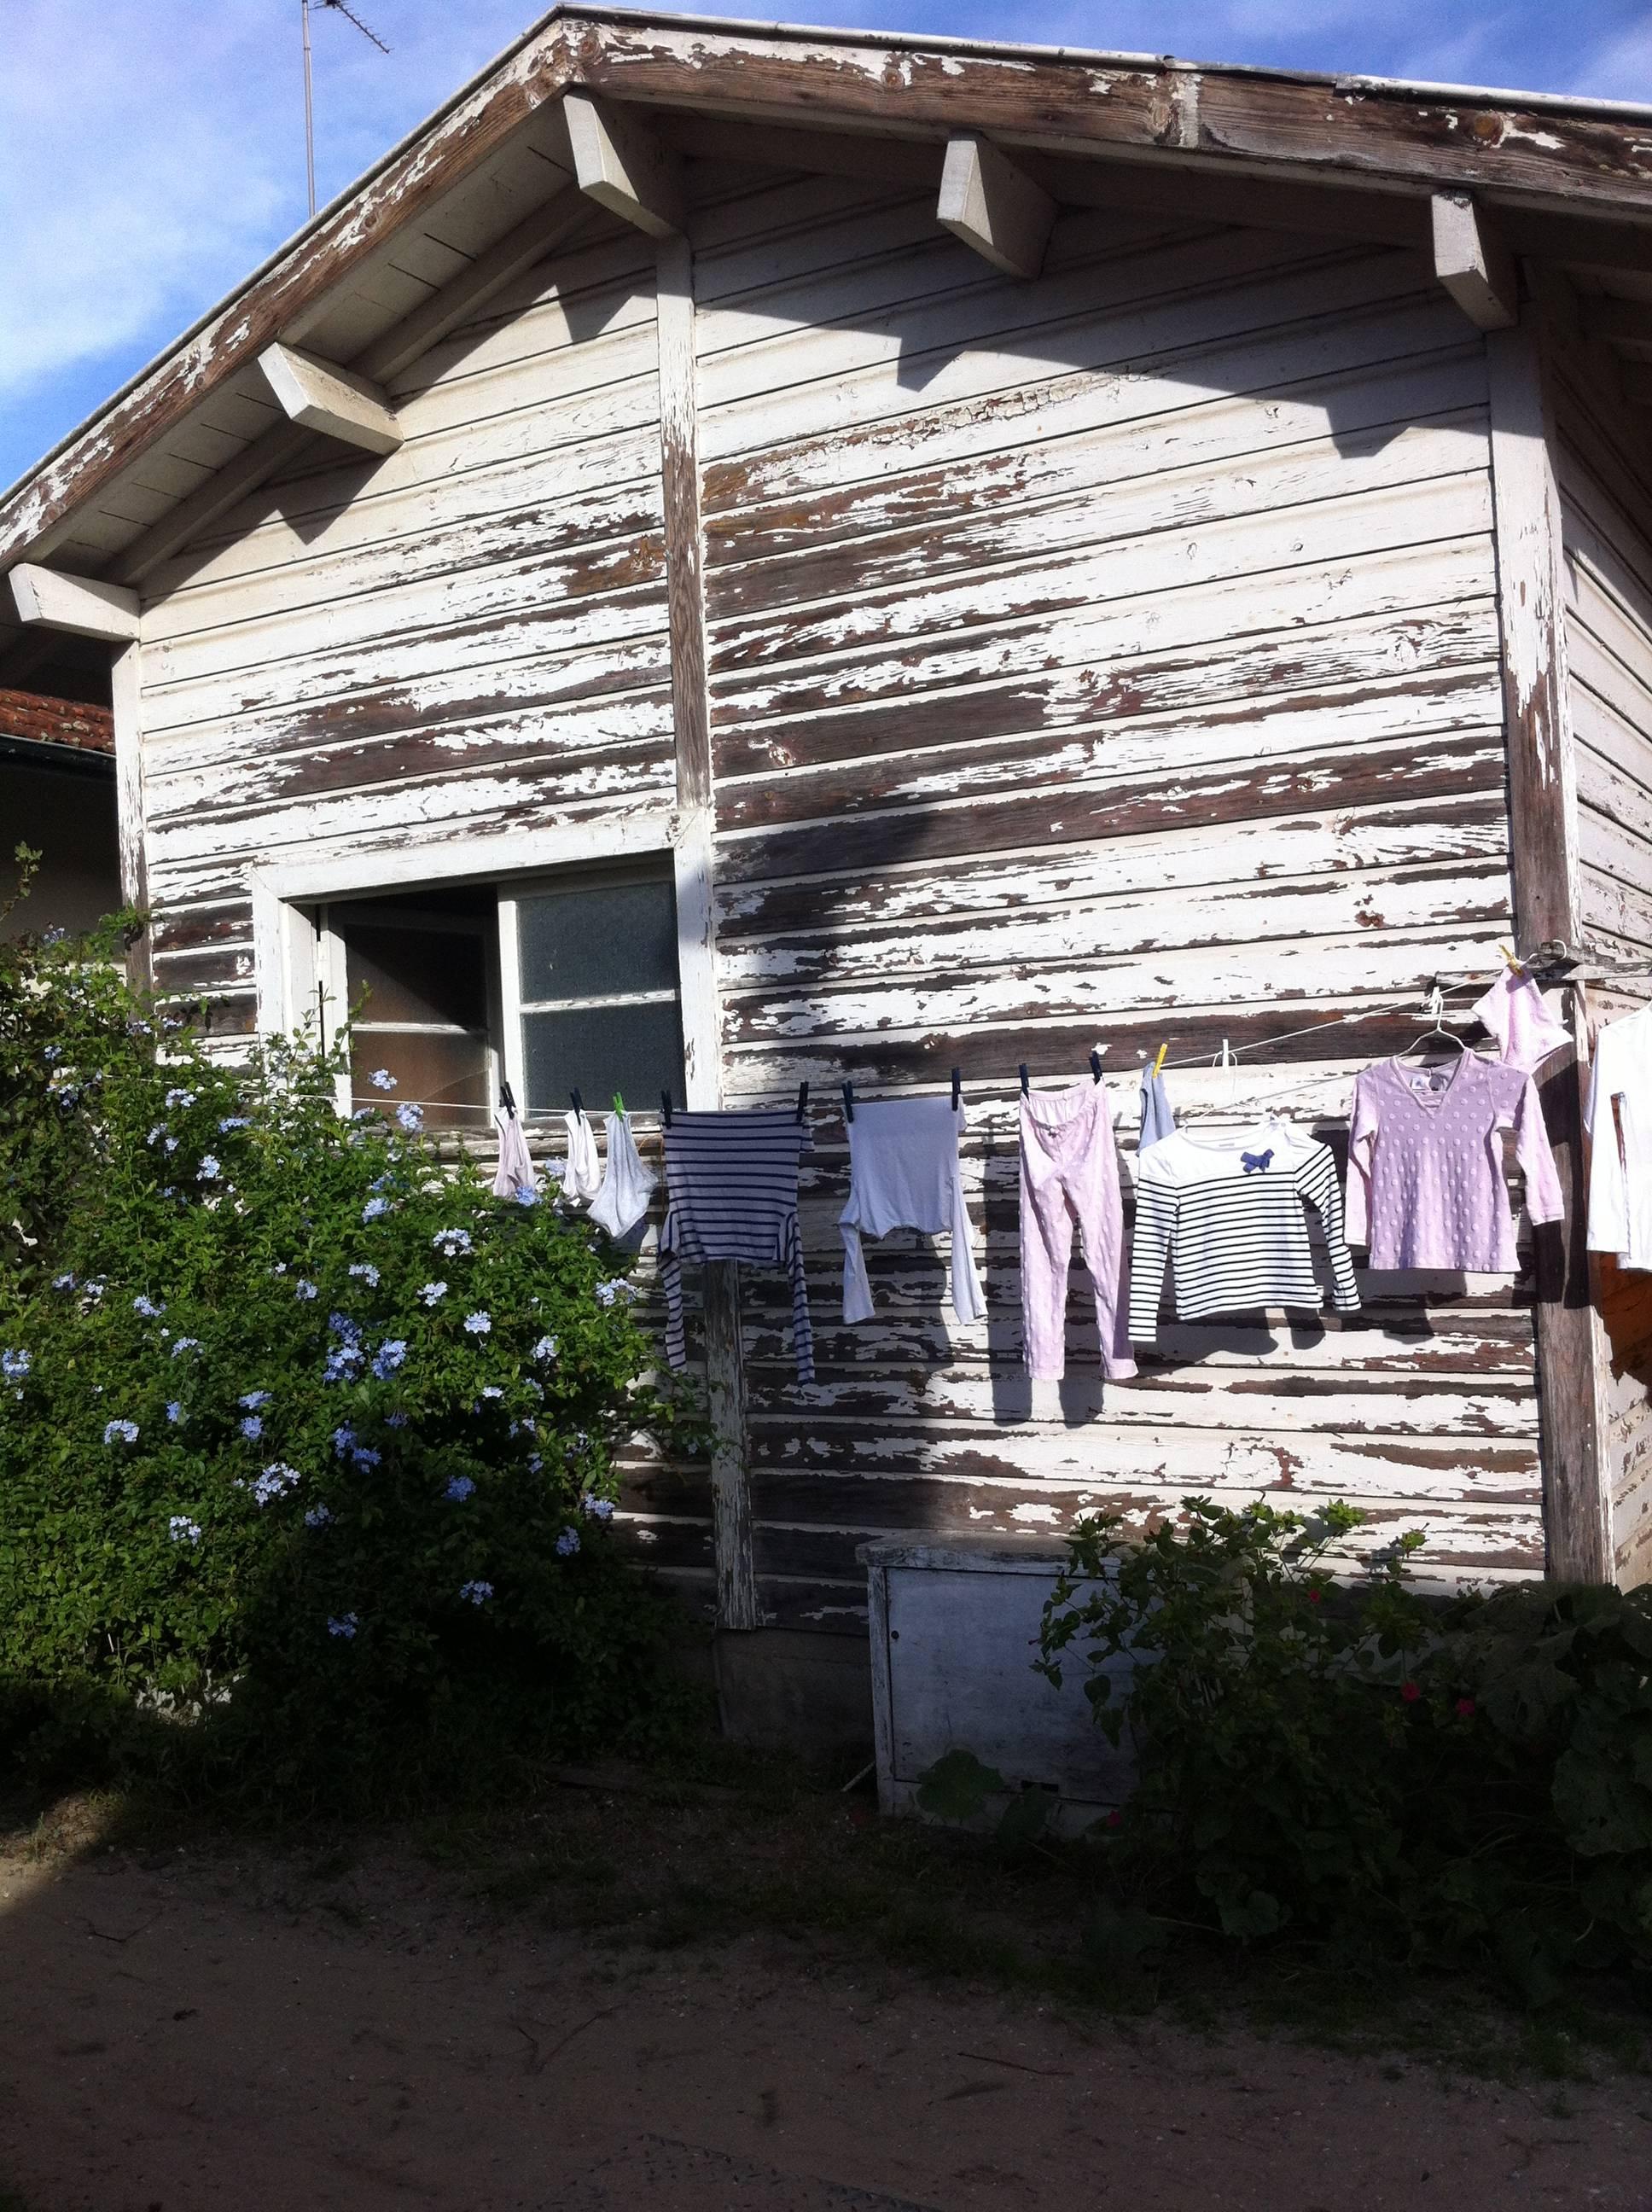 Photo 2: Le Village de l'Herbe